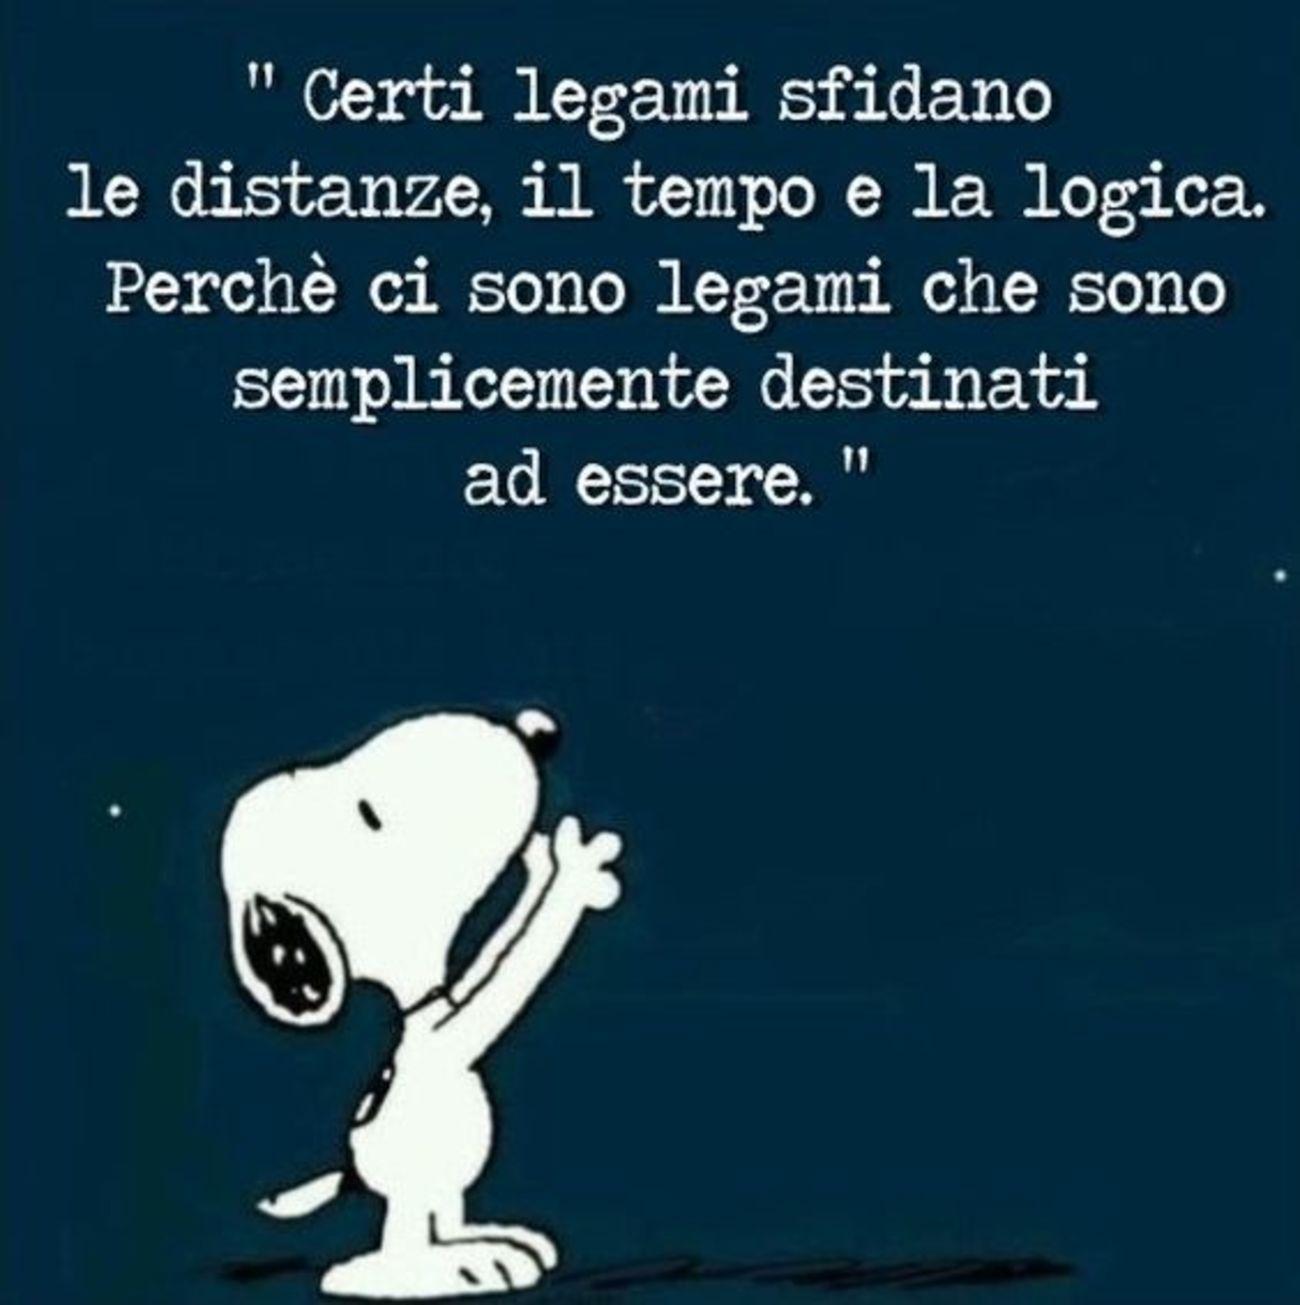 Frasi Vignette Con Snoopy Buongiorno Immagini It